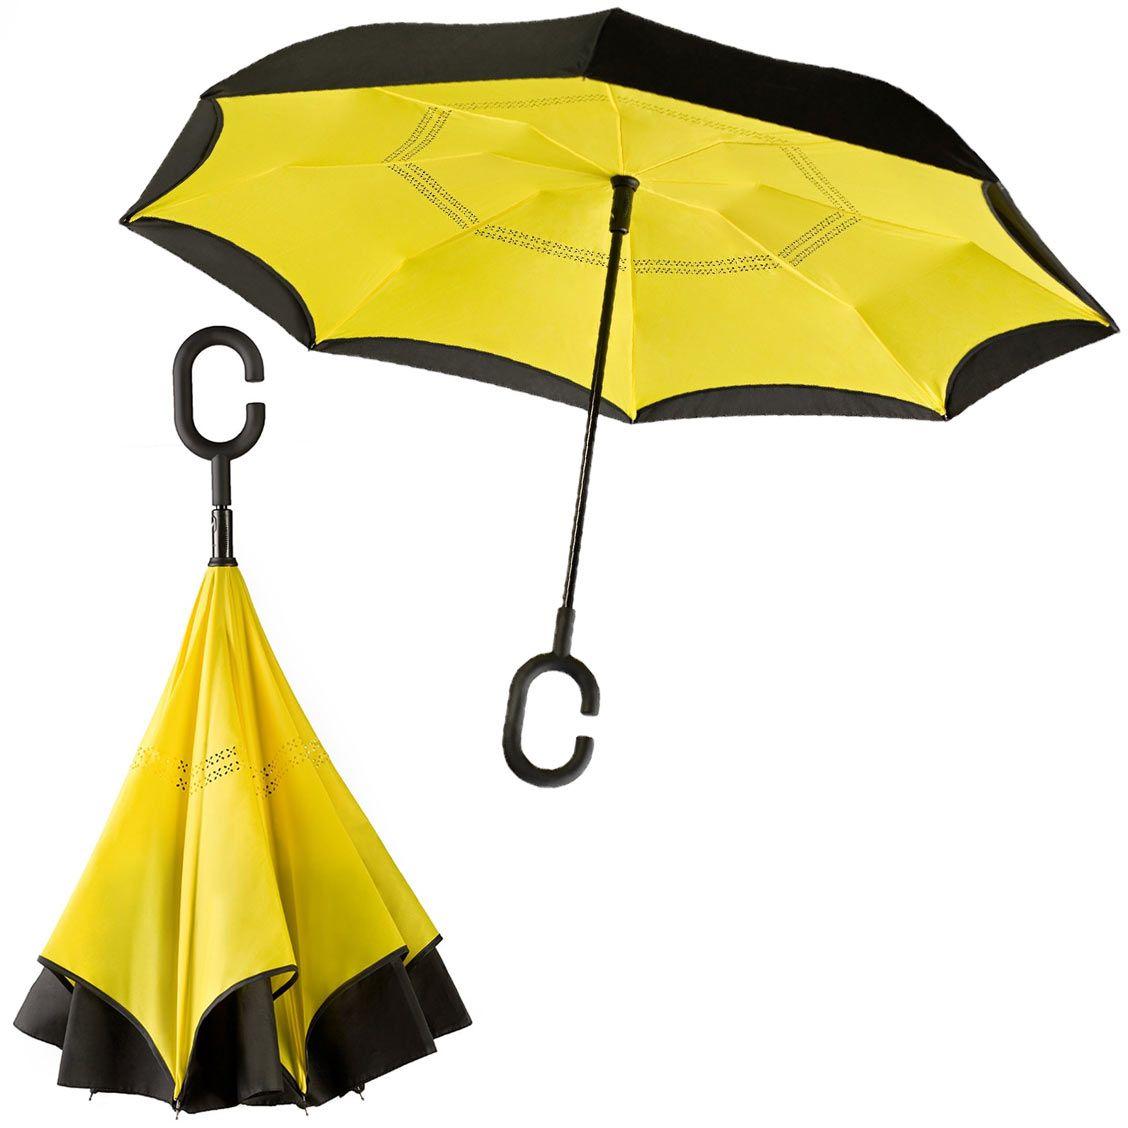 Зонт SmartZont Лимон КлассикПодарки<br>Технологичный зонт SmartZont:<br> 1. Сухой после дождя. Всегда.<br> 2. Стоит сам по себе. Без всякой опоры. <br> 3. Ручка hands free. Свобода движений. <br> 4. Усиленная технология Антиветер. Невозможно сломать. <br> 5. Минимум места для открытия. И для закрытия то...<br>Размер: 86 см; Объем: None; Материал: Стекло; Цвет: Желтый;